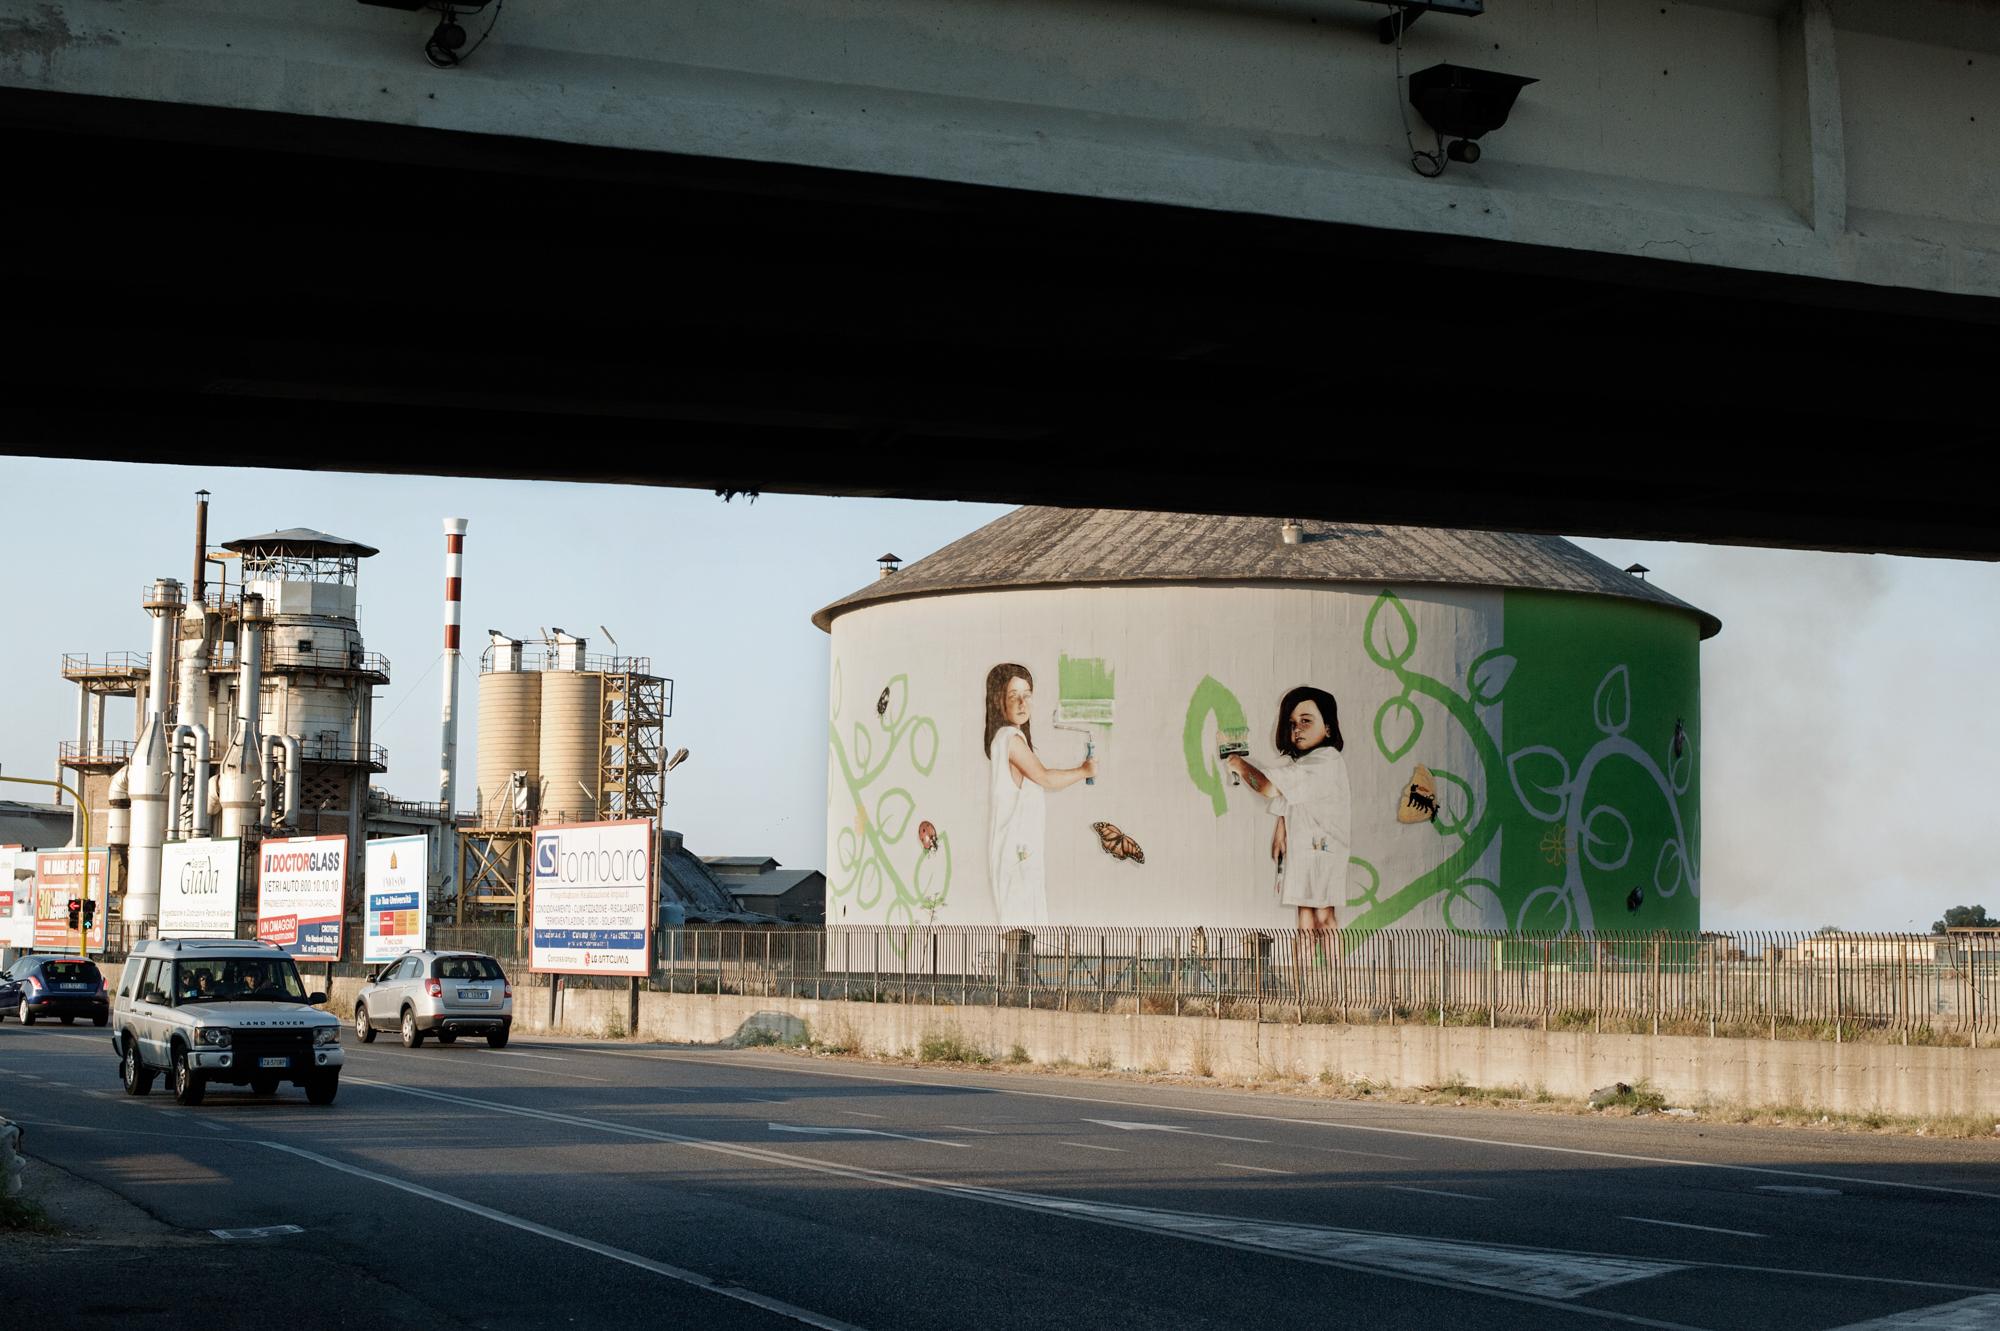 Italia. Crotone 2013: Il silos della Pertusola Sud coperto da un murales commissionato dall'Eni, che dirige la bonifica della zona industriale.